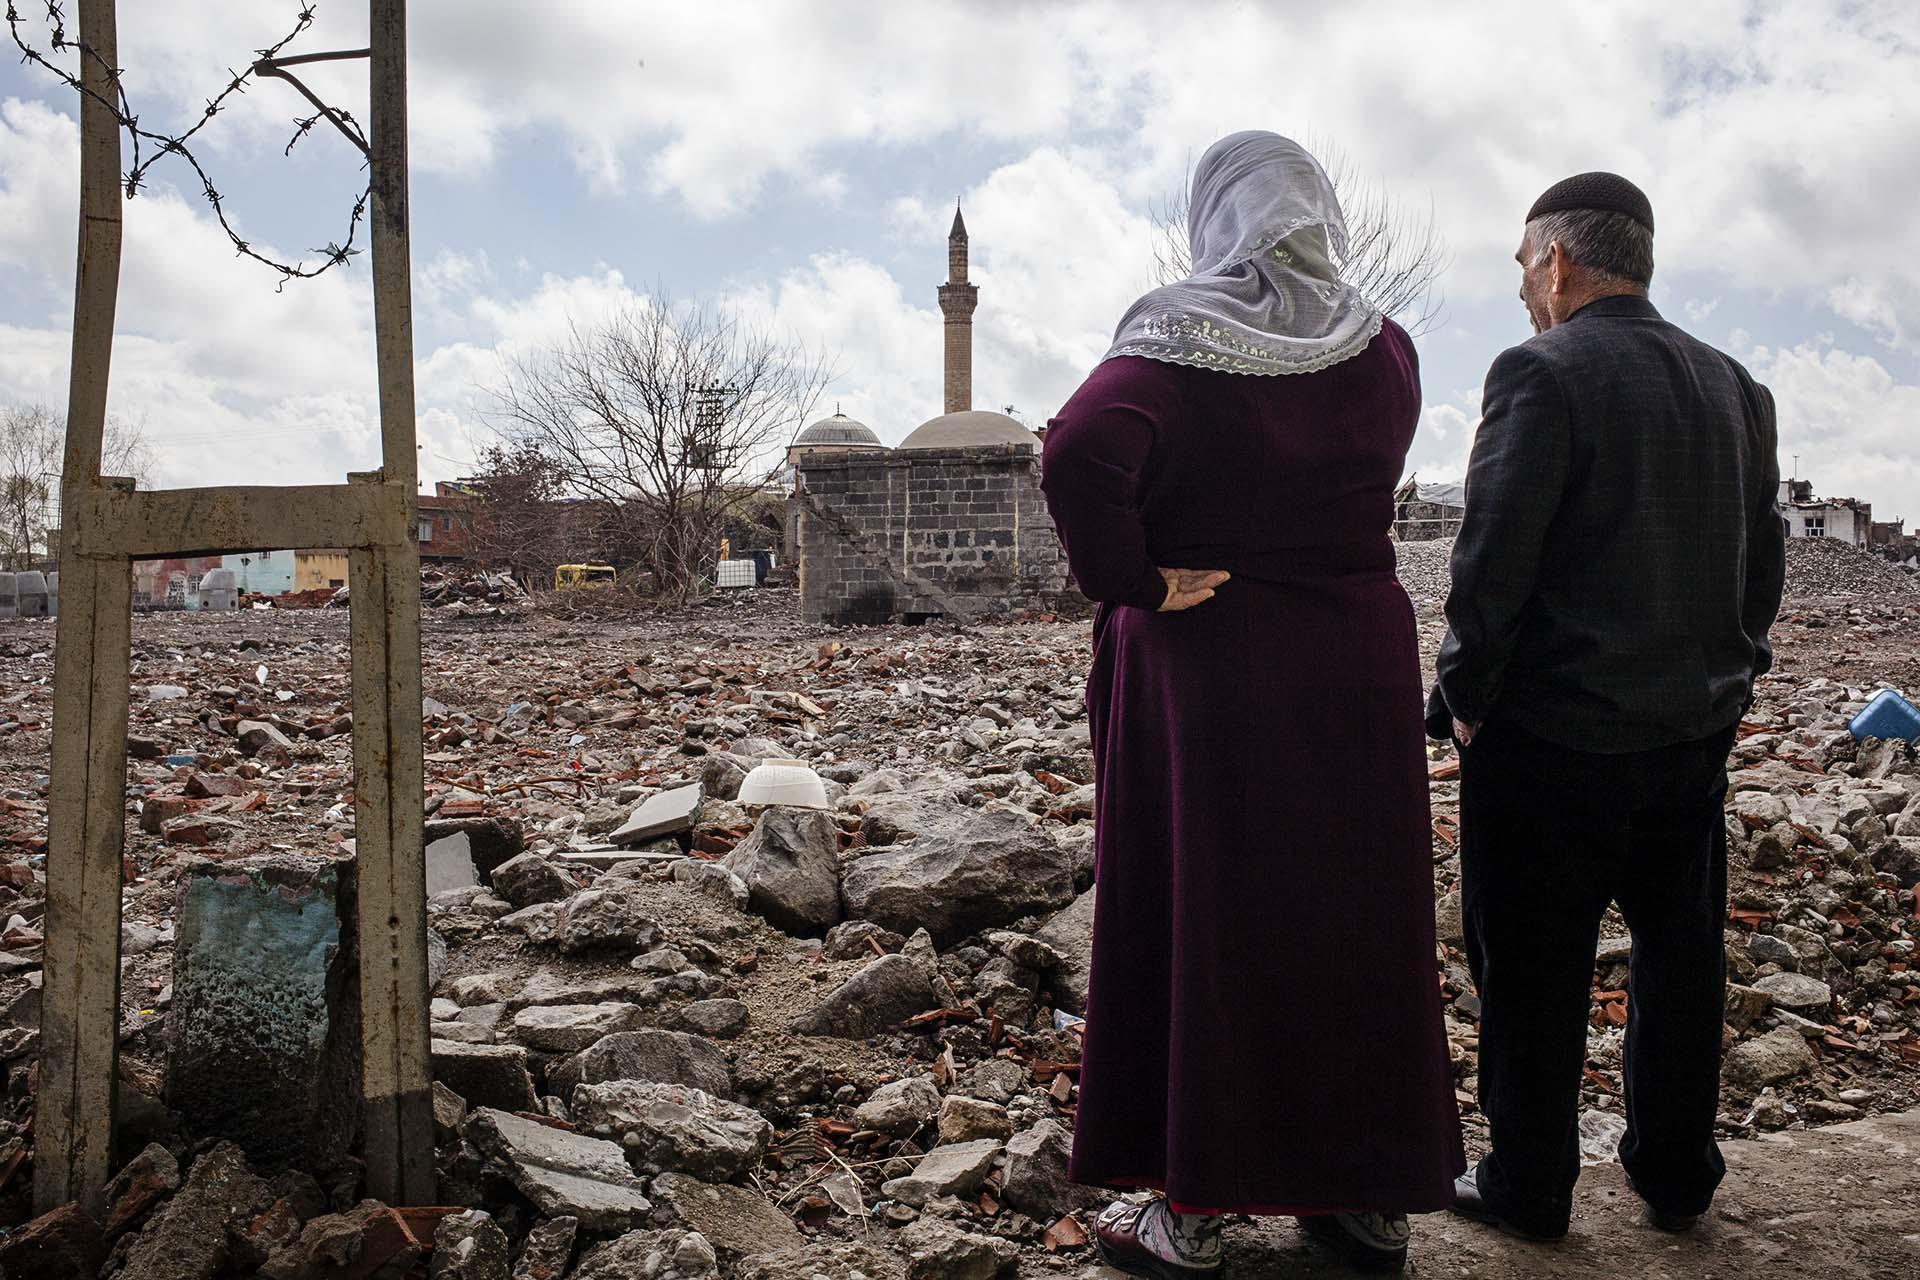 Un matrimonio observa lo que queda del barrio de Sur, en Diyarbakir, donde residían hasta que fue bombardeado por el ejército turco.